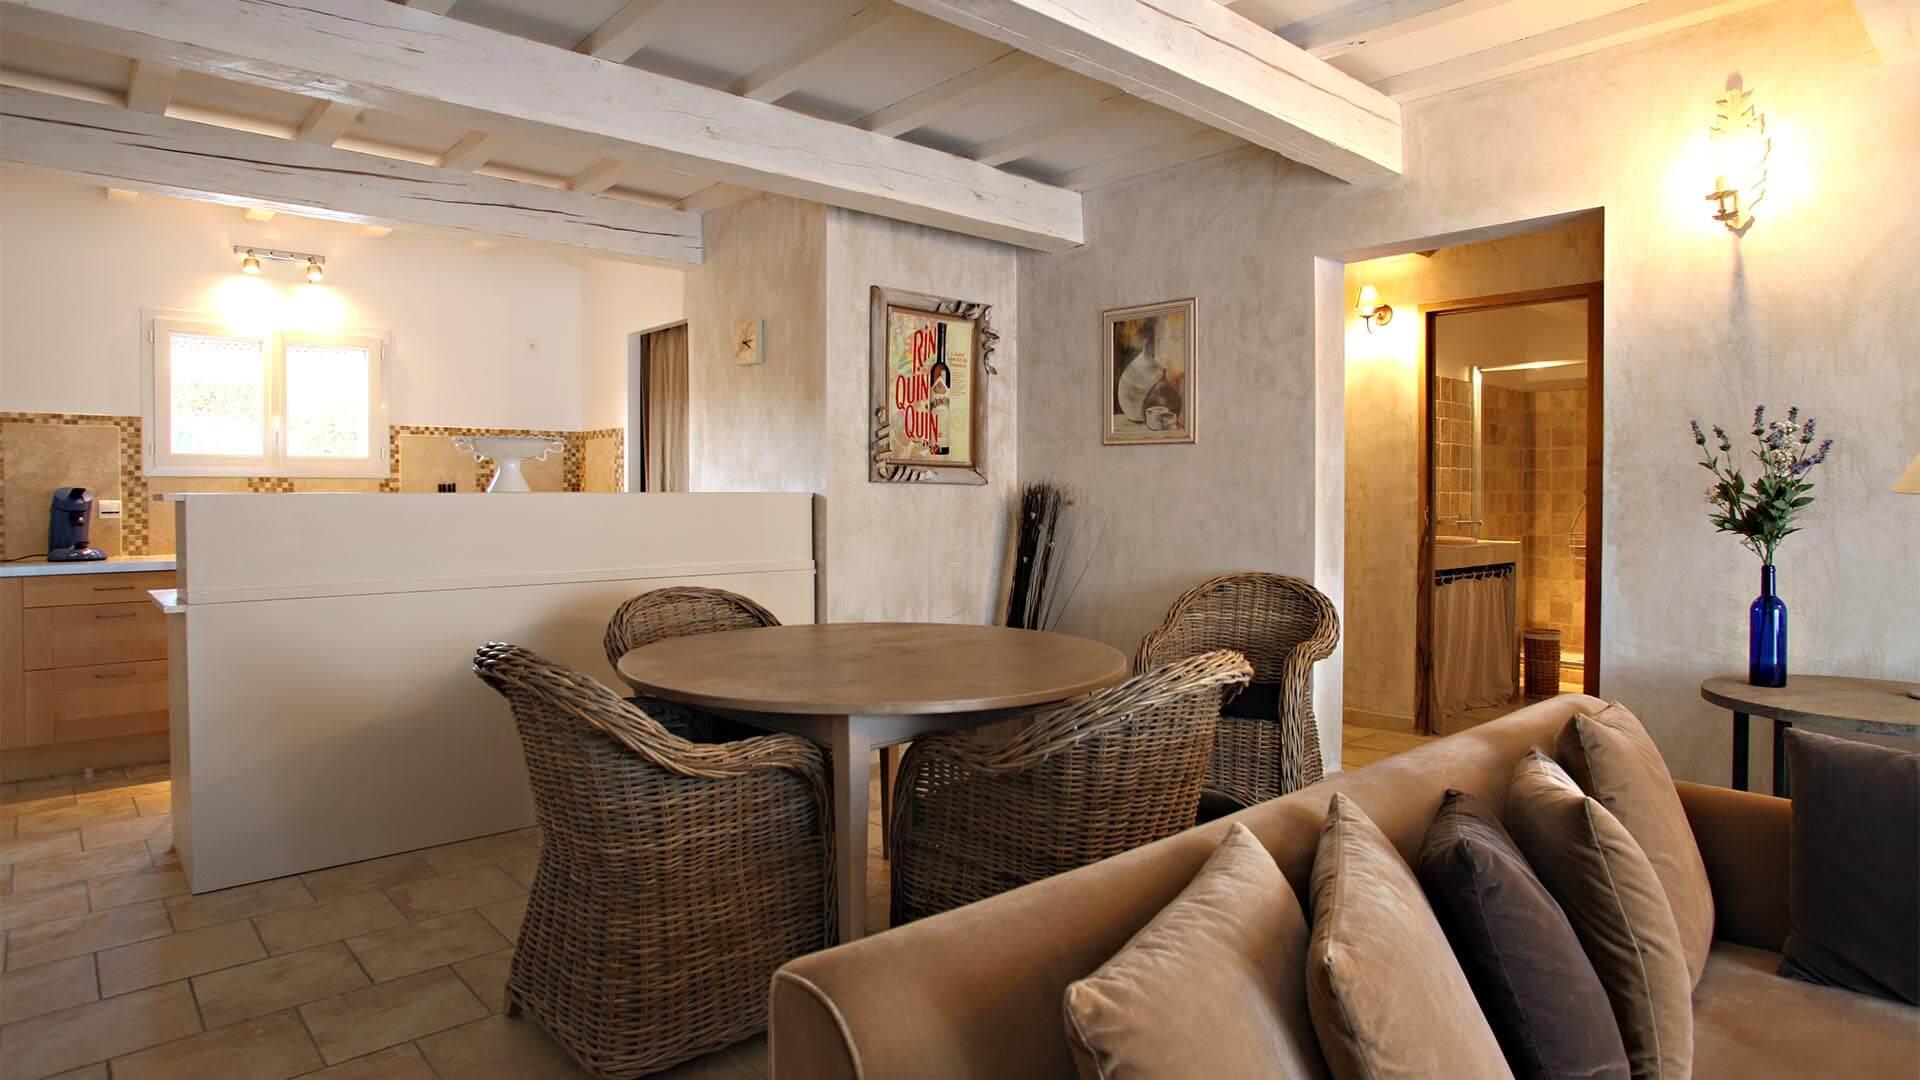 Location vacances T3 Alpes de Haute Provence | Villa mon rêve | Pièce à vivre avec climatisation